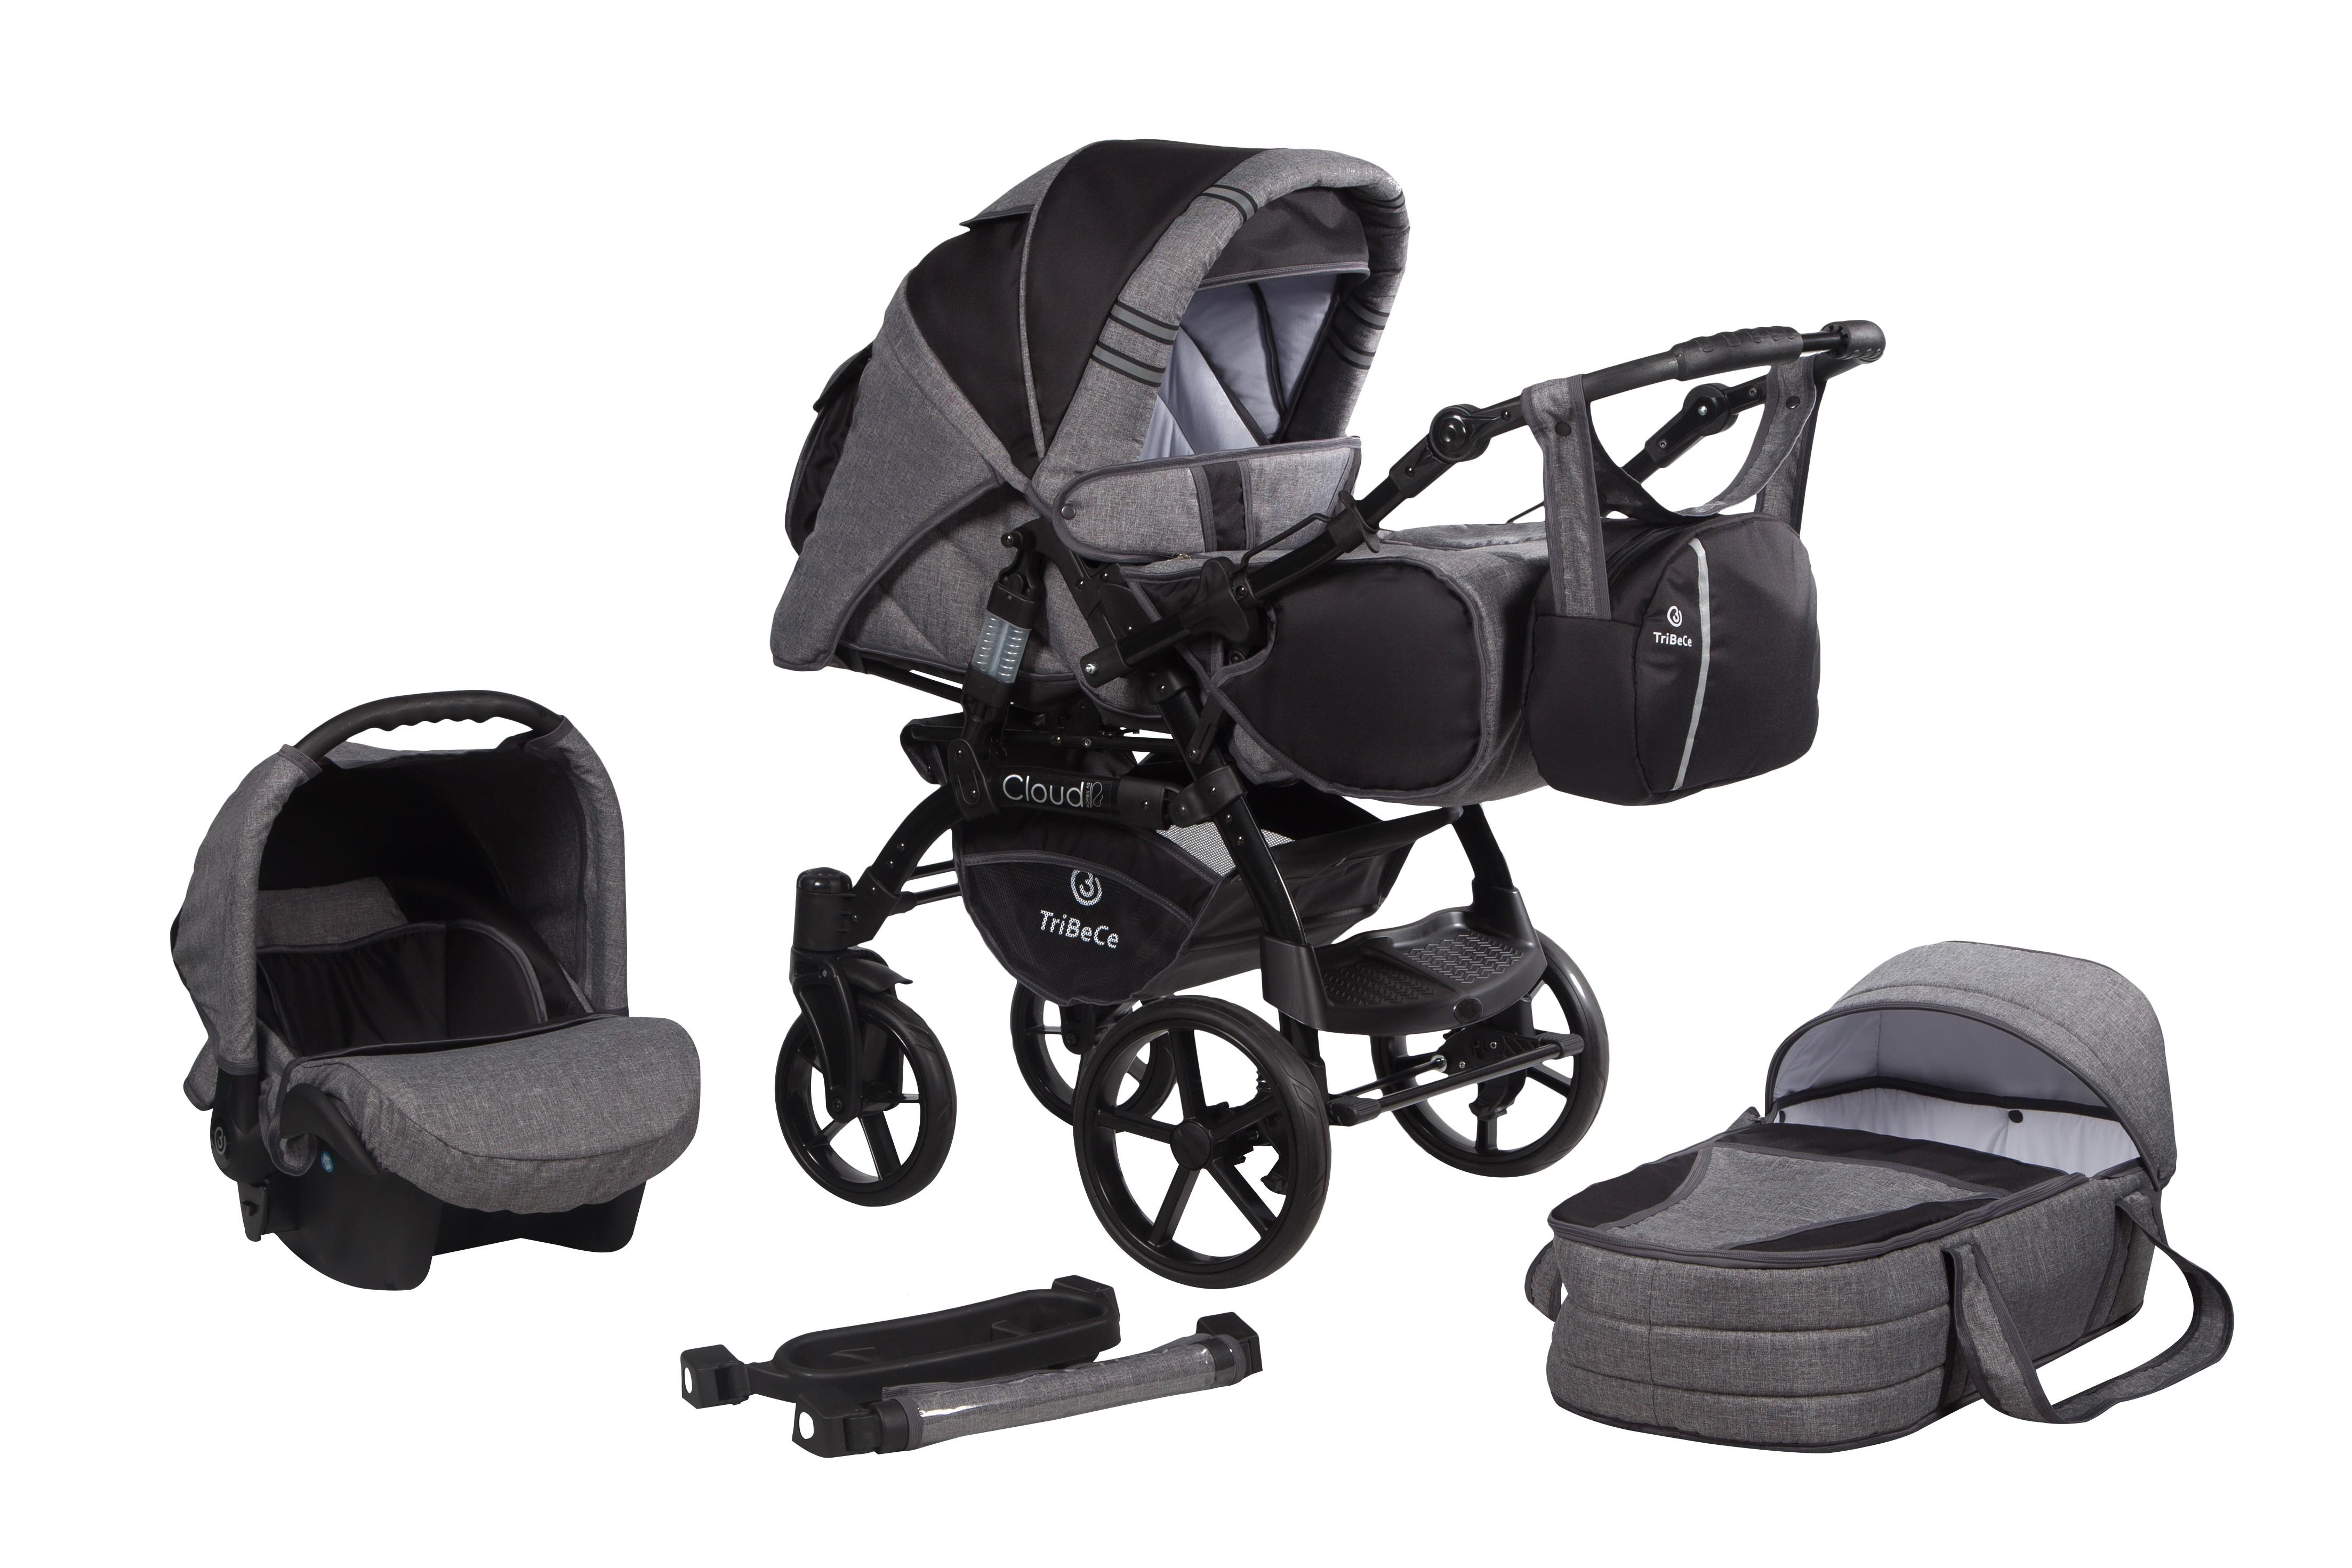 wózek Cloud Baby Merc wielofunkcyjny 3w1